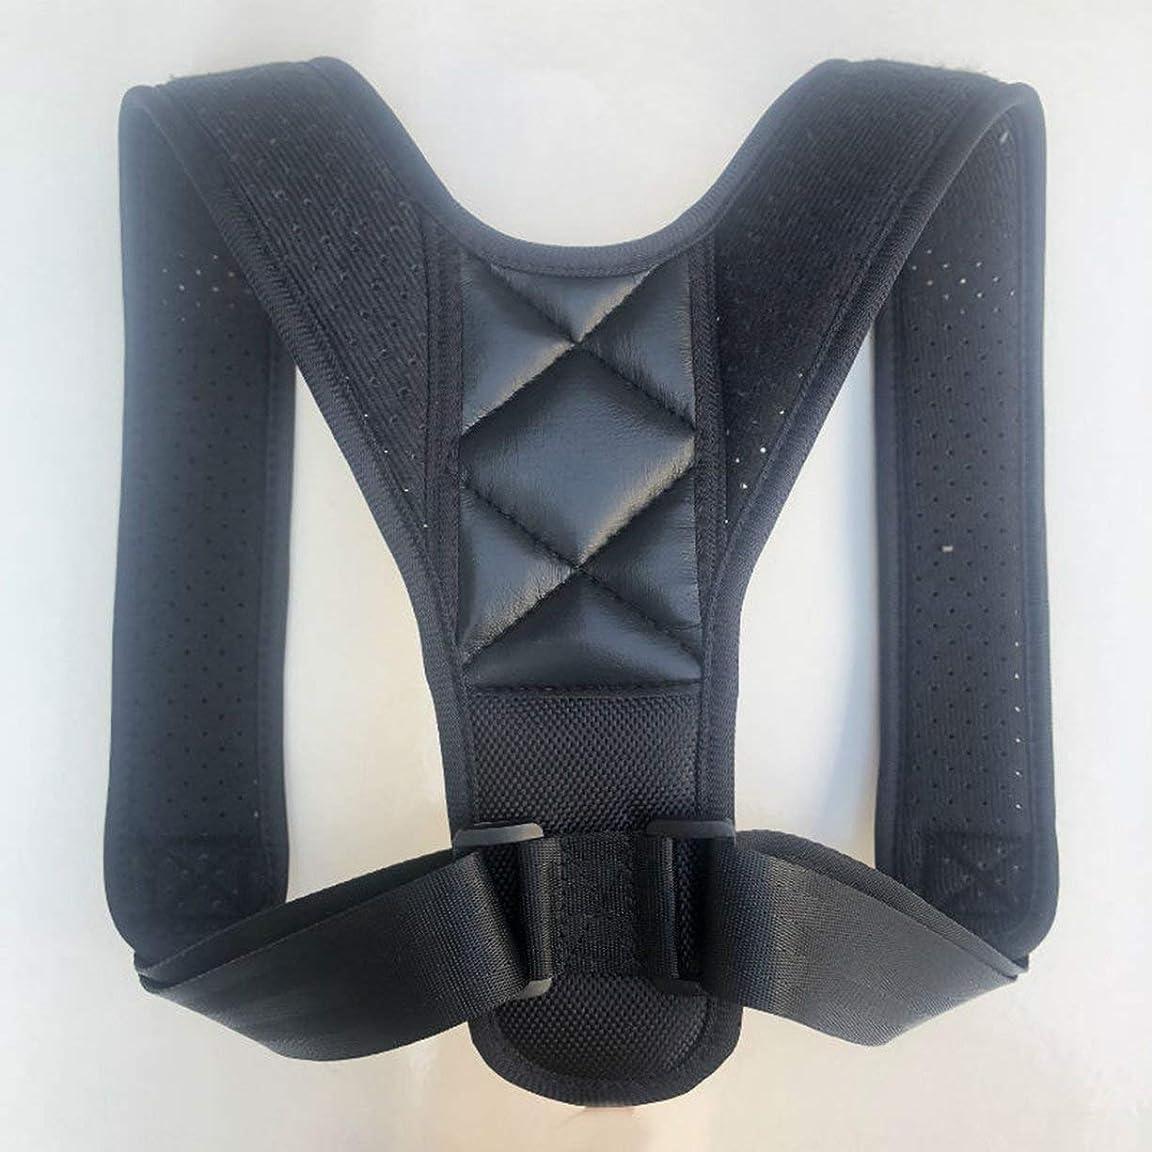 報告書スケルトン代表してアッパーバックポスチャーコレクター姿勢鎖骨サポートコレクターバックストレートショルダーブレースストラップコレクター - ブラック